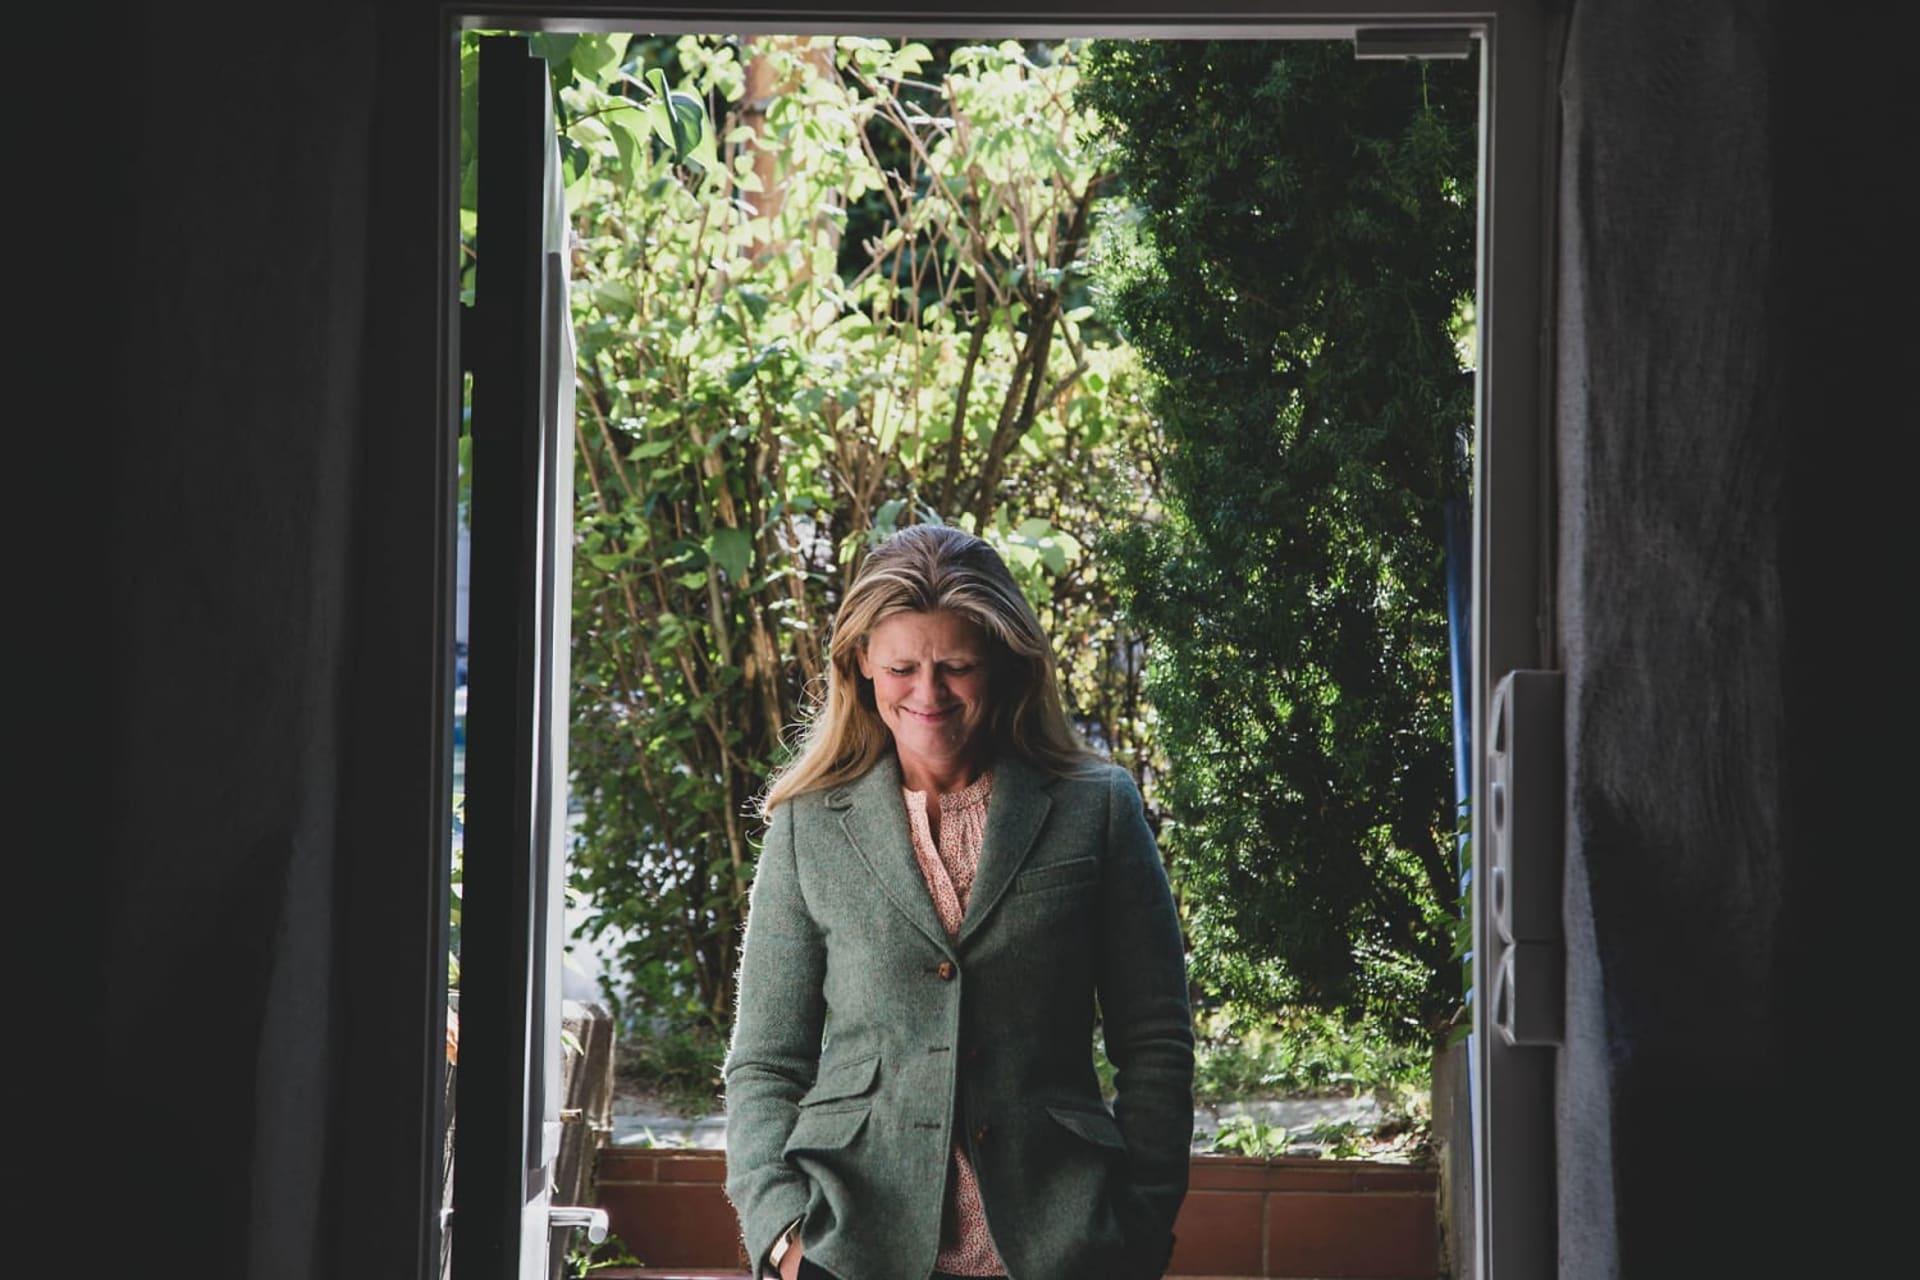 LANG ERFARING: Karen coacher ledere og organisasjoner over hele landet, og har i flere år arbeidet tett med store norske bedrifter. Hun arbeider mye med endringsprosesser, konflikthåndtering, stressmestring, ledertrening og som rådgiver for næringslivet.